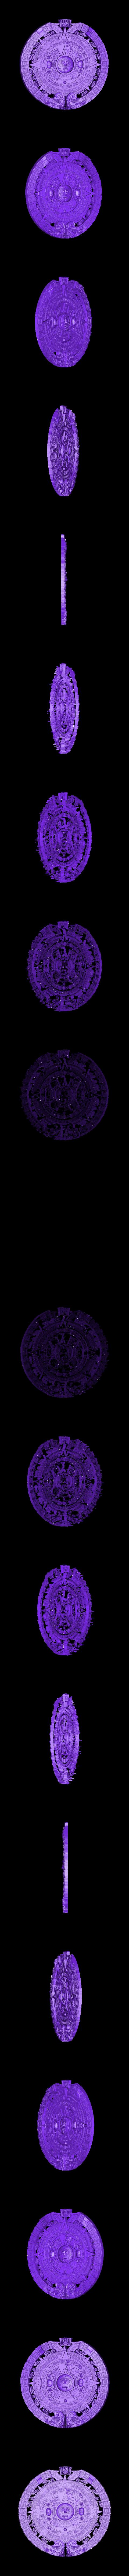 6.stl Télécharger fichier STL gratuit calendrier maya fin du monde 2012 cnc art routeur • Modèle pour impression 3D, CNC_file_and_3D_Printing